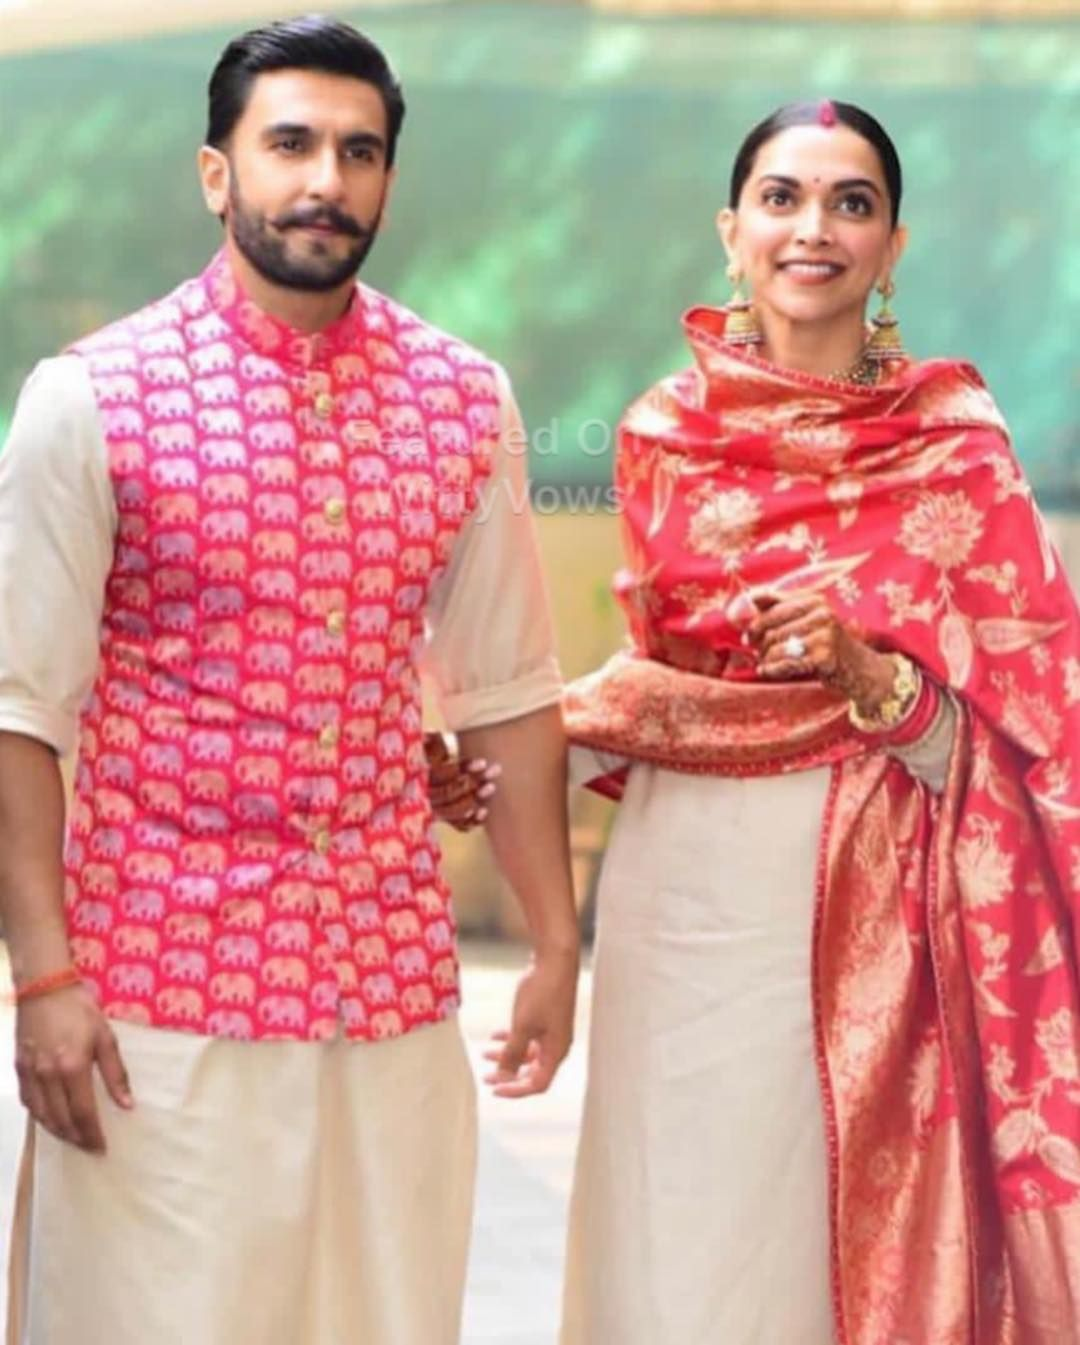 Deepika Padukone And Ranveer Singh Wedding Deepveer Wedding Bride And Groom In Sabyasachi Mukh Groom Dress Men Wedding Dresses Men Indian Indian Groom Wear [ 1345 x 1080 Pixel ]